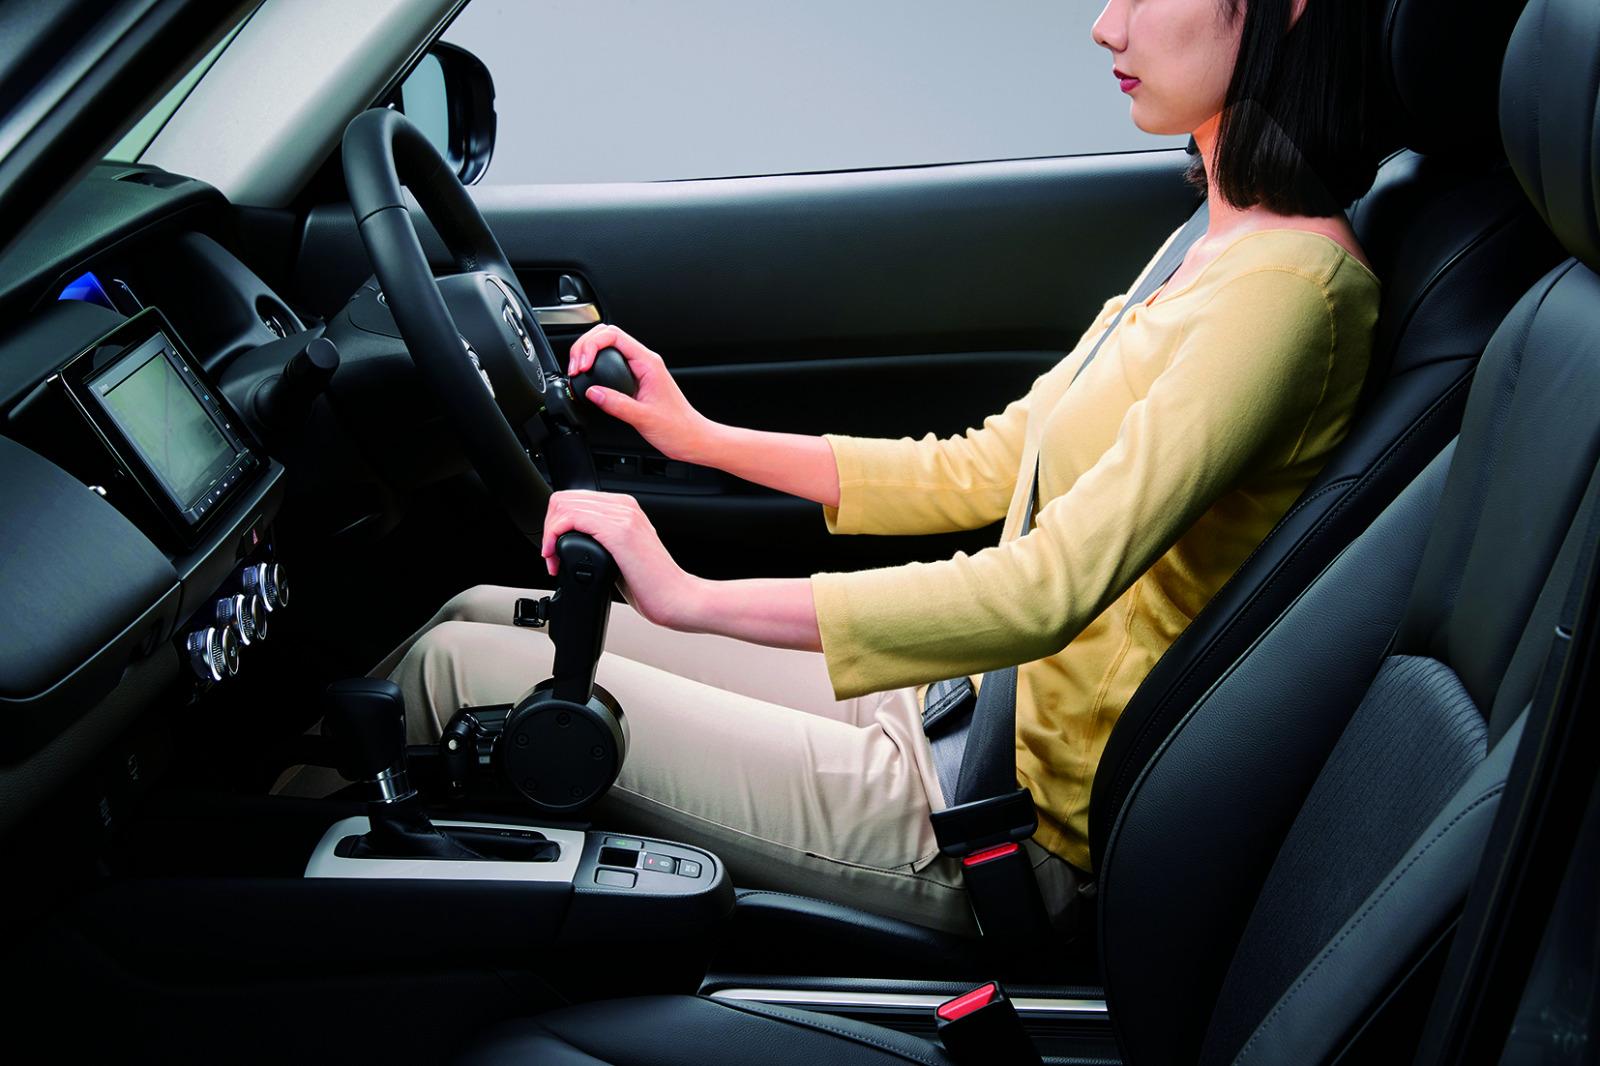 「身体が不自由でもクルマでの移動、運転を諦めない! 運転補助装置が付いた高齢者や障がい者向けのクルマ」の3枚目の画像